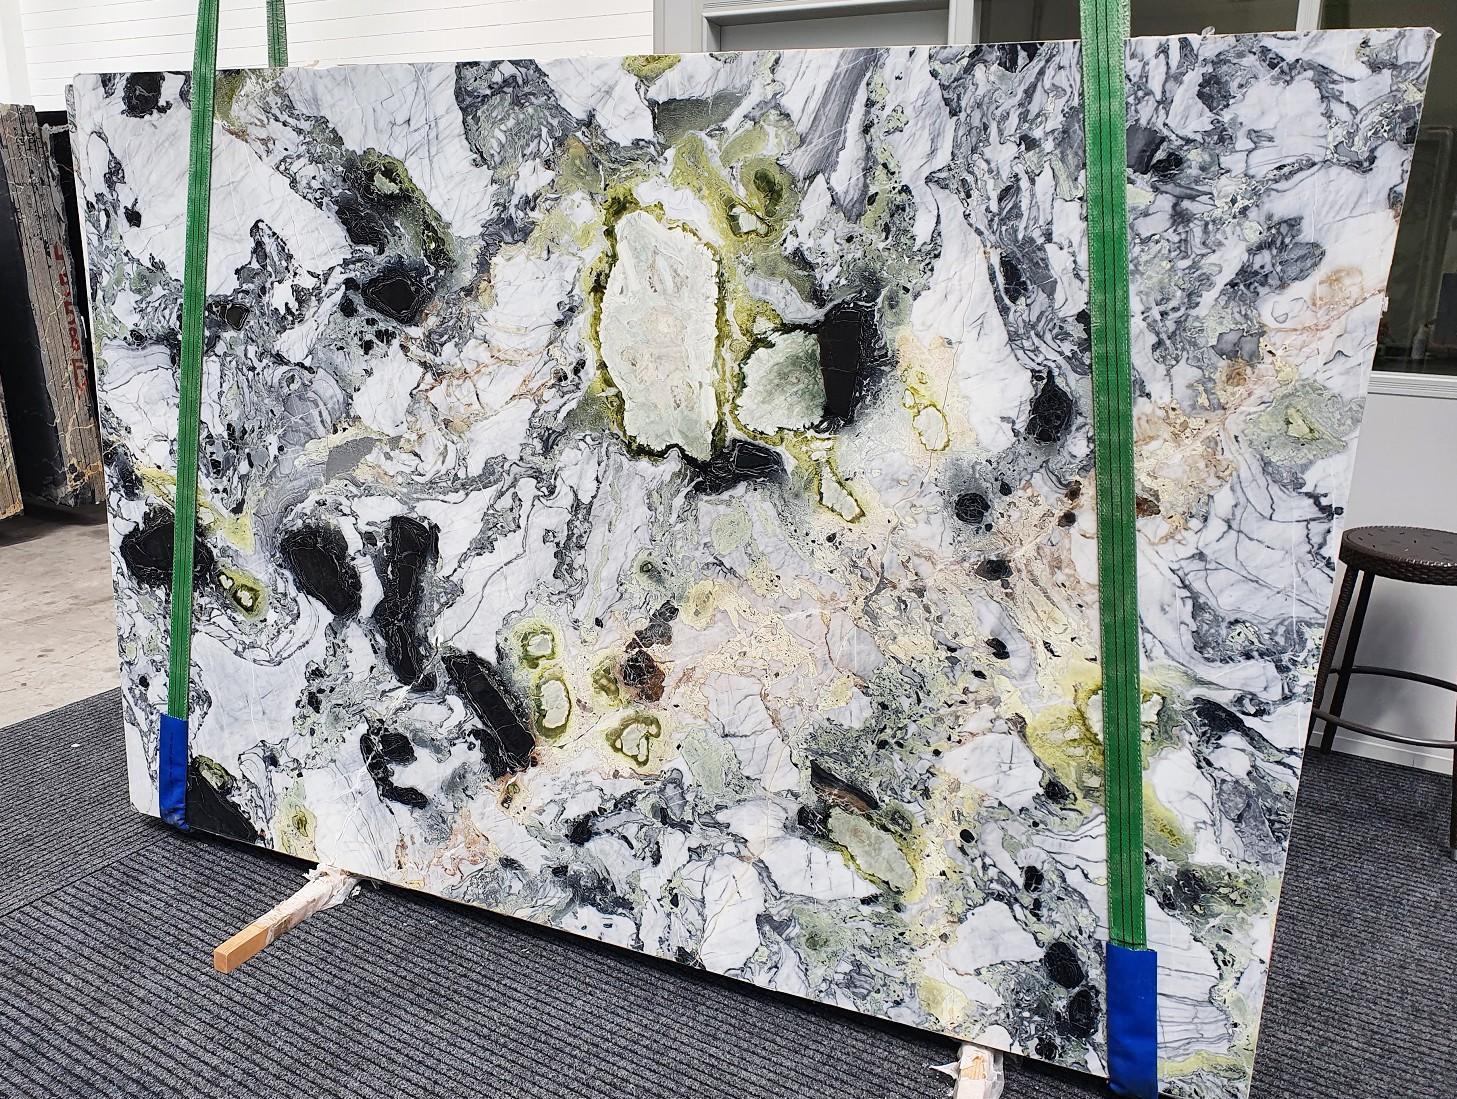 AMAZONIA polierte Unmaßplatten 1386 aus Natur Marmor , Slab #31: Lieferung Veneto, Italien